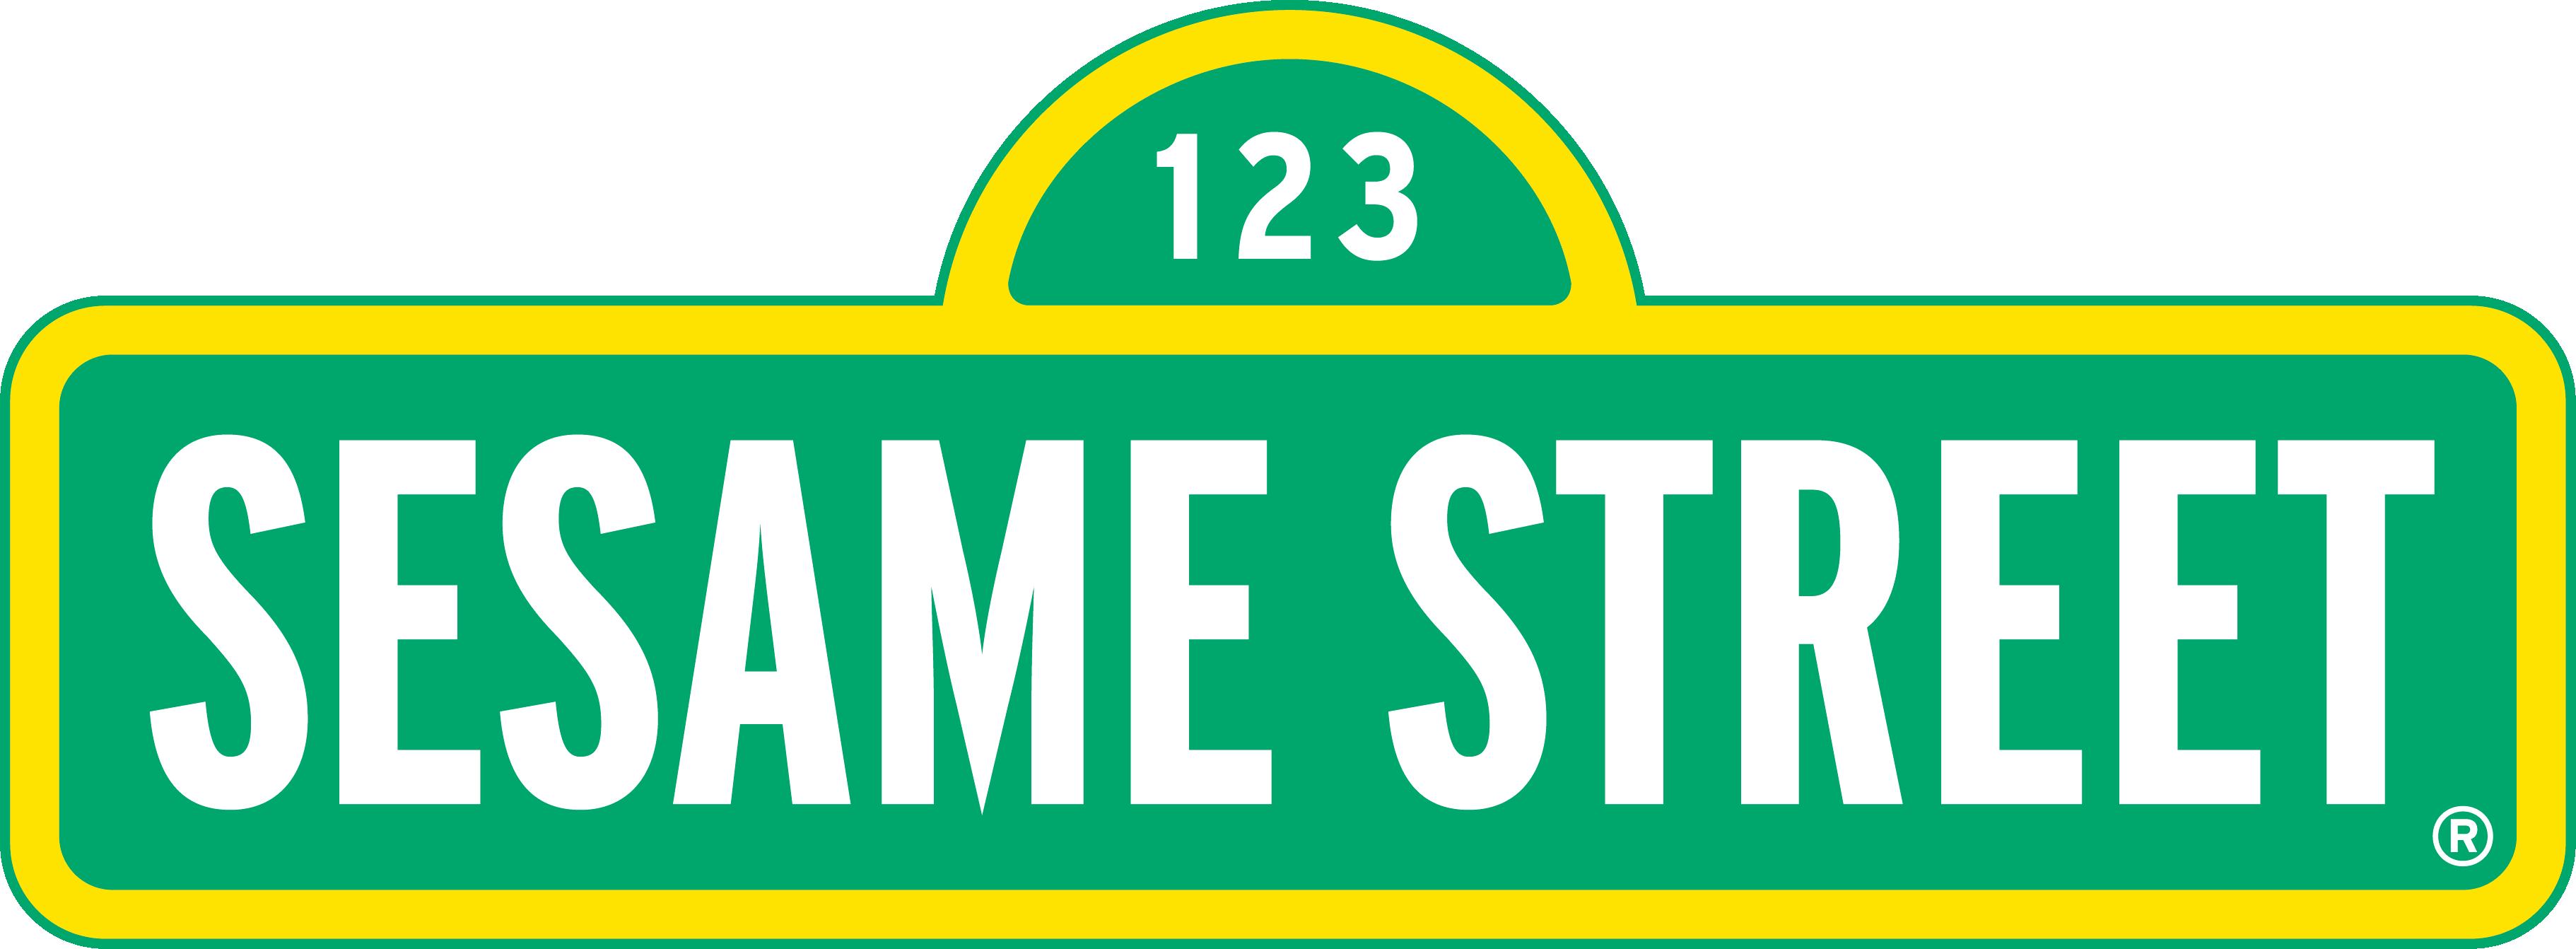 3644x1342 Sesame Street Clipart Street Sign